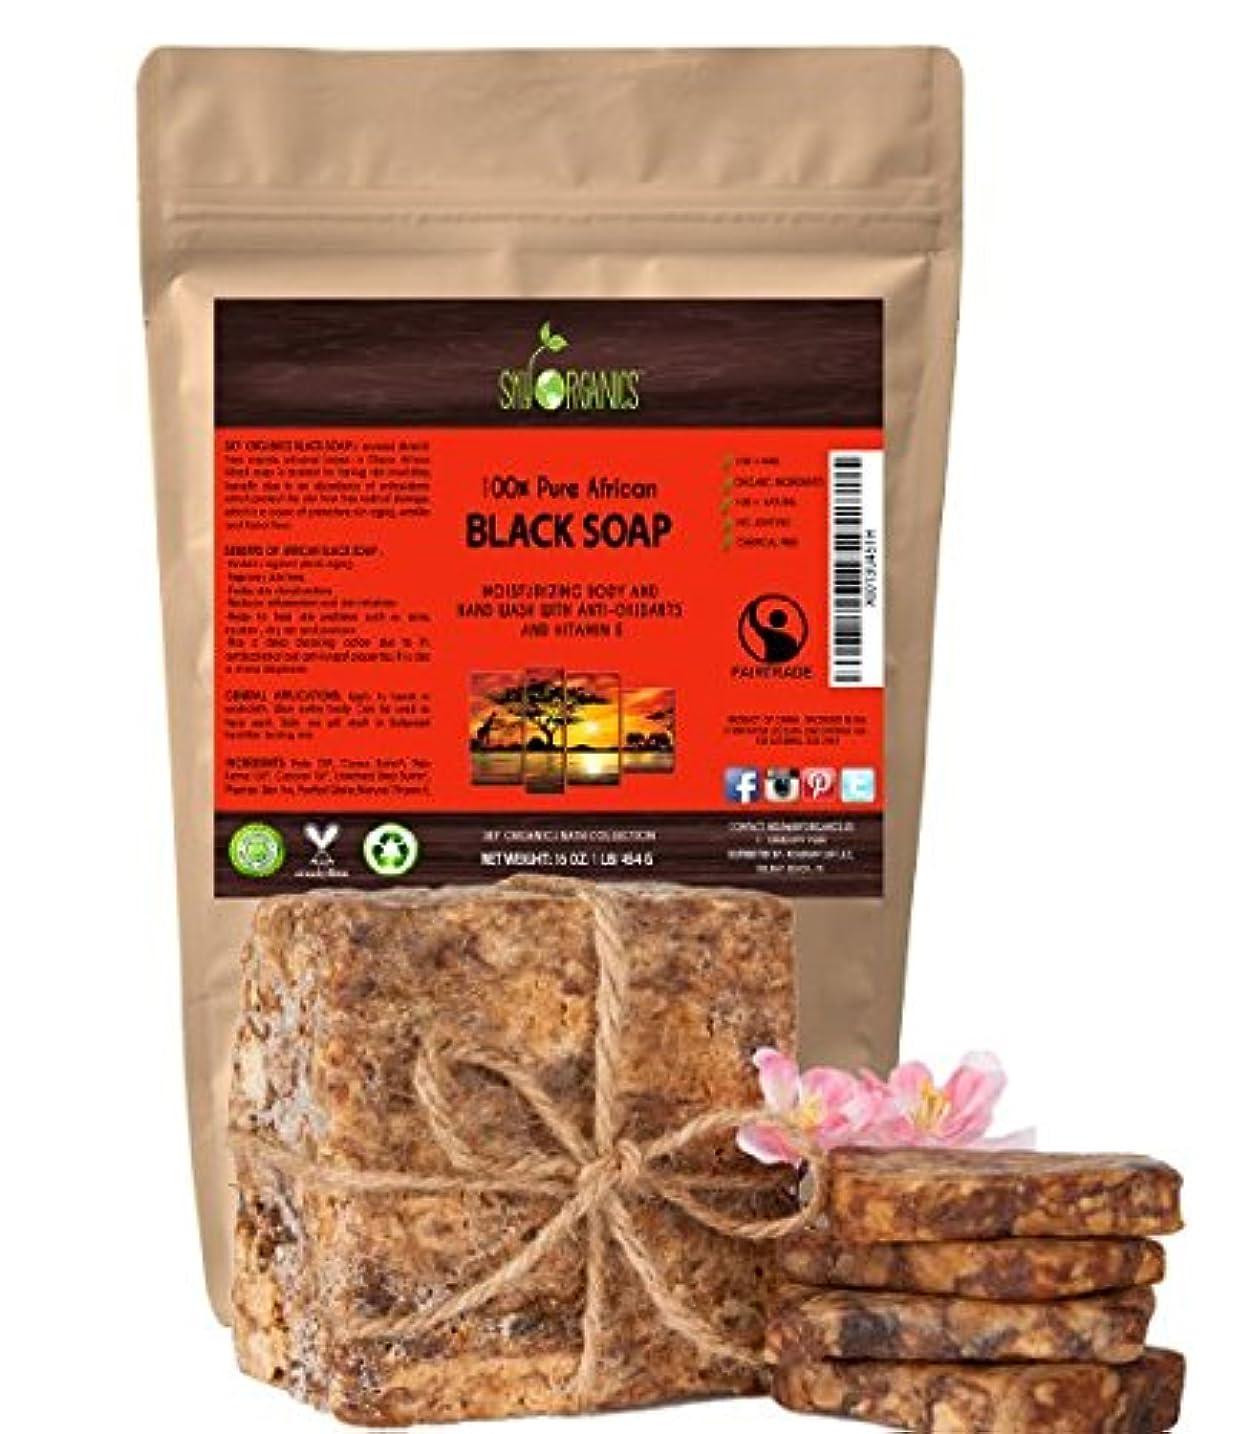 ミュート引数ベル切って使う オーガニック アフリカン ブラックソープ (約4563gブロック)Organic African Black Soap (16oz block) - Raw Organic Soap Ideal for Acne...